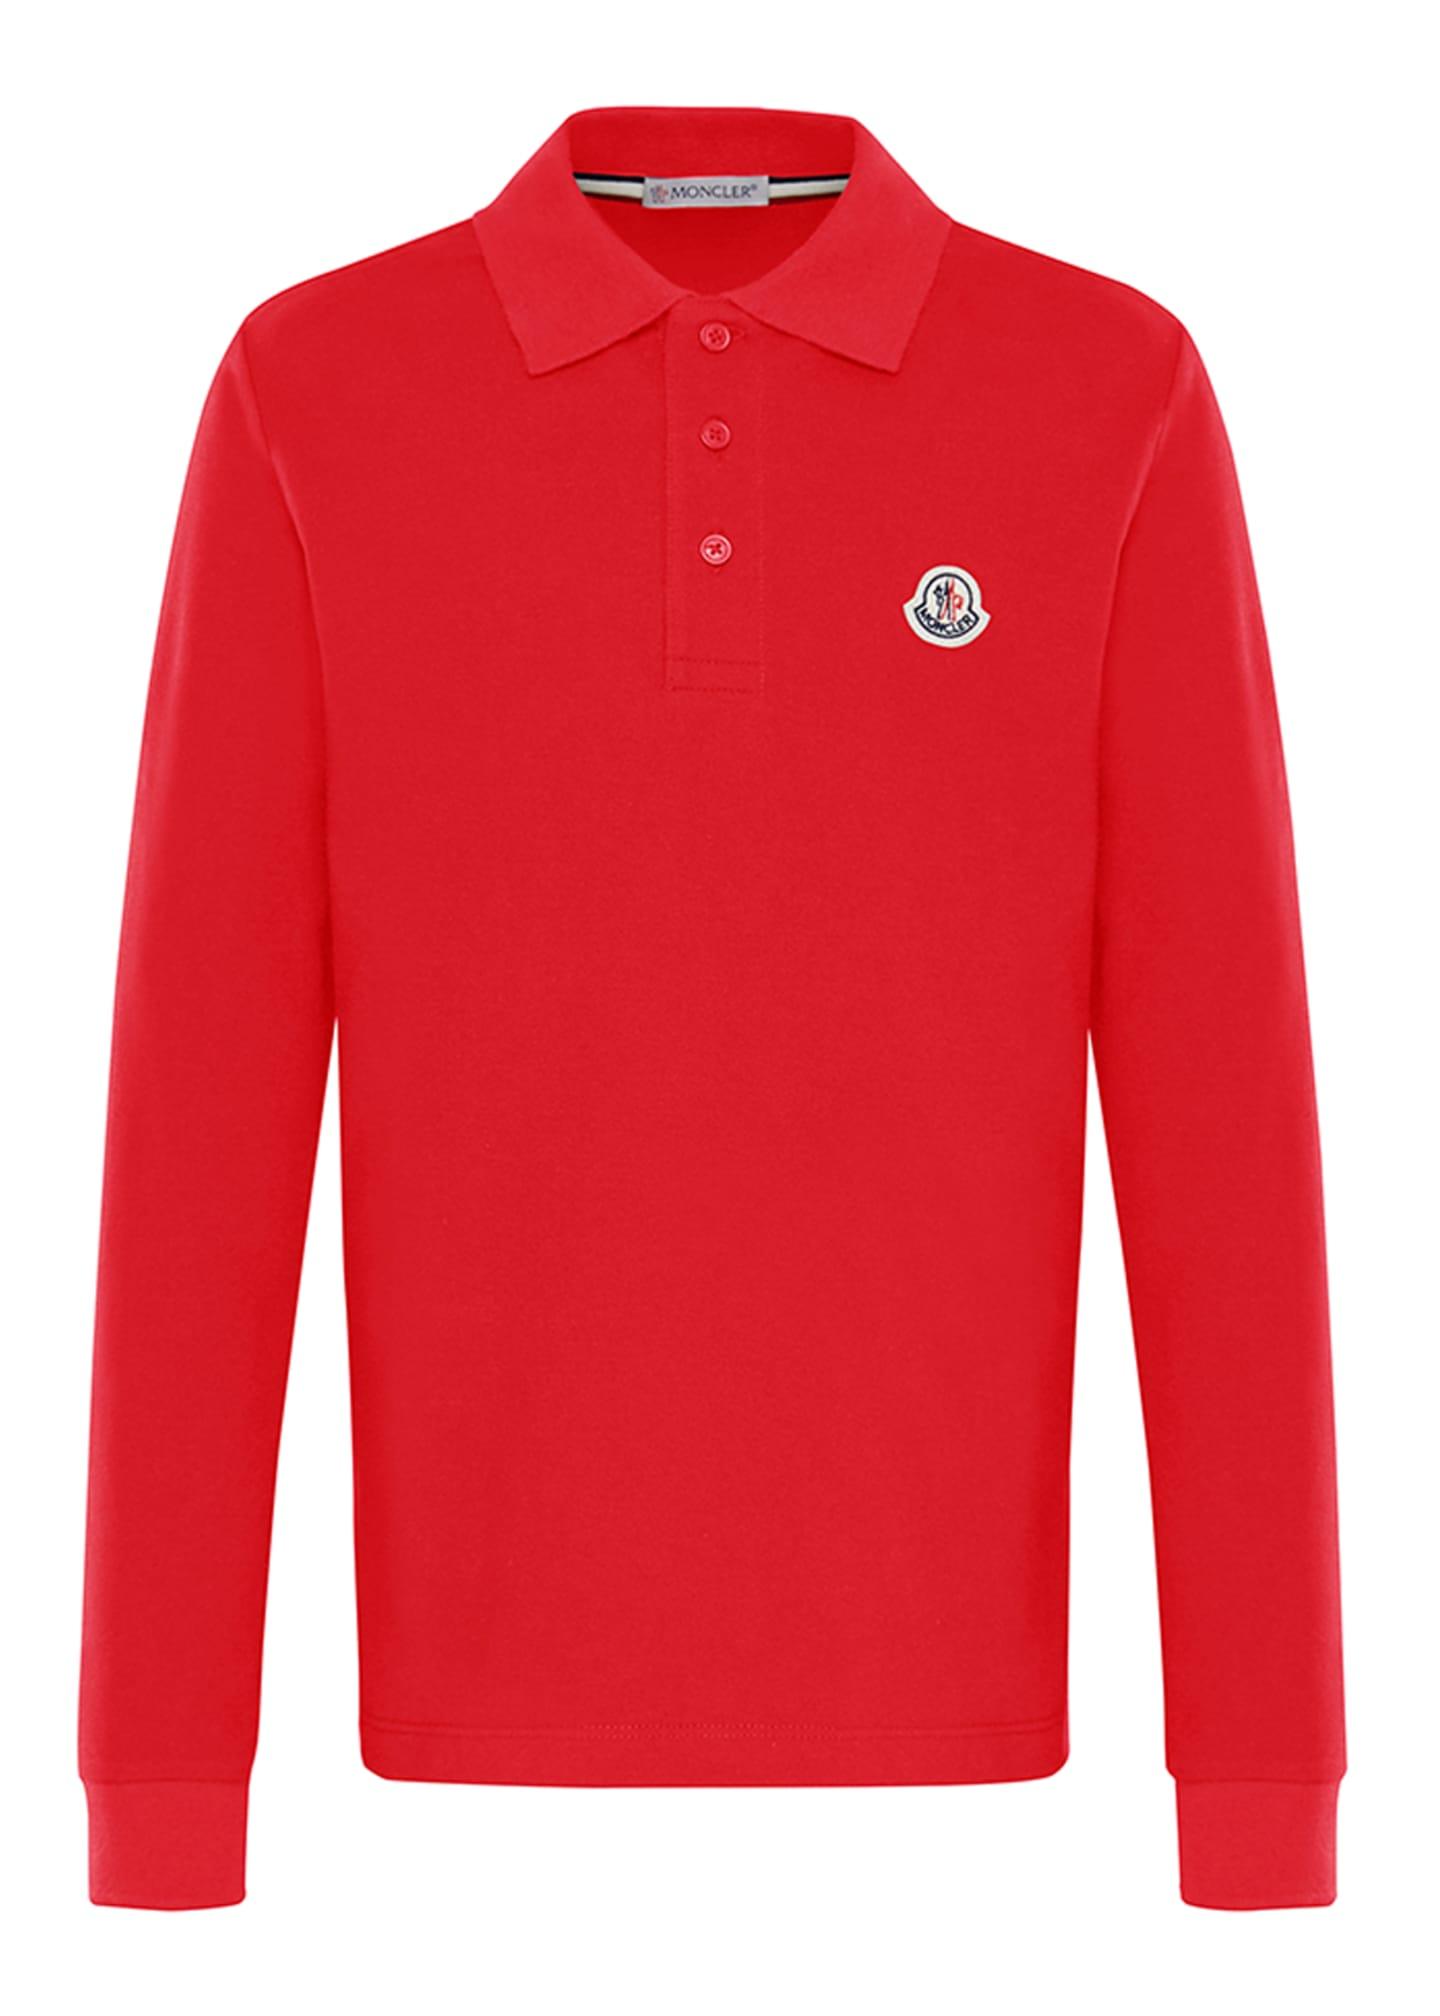 Moncler Long-Sleeve Cotton Polo Shirt, Size 4-6